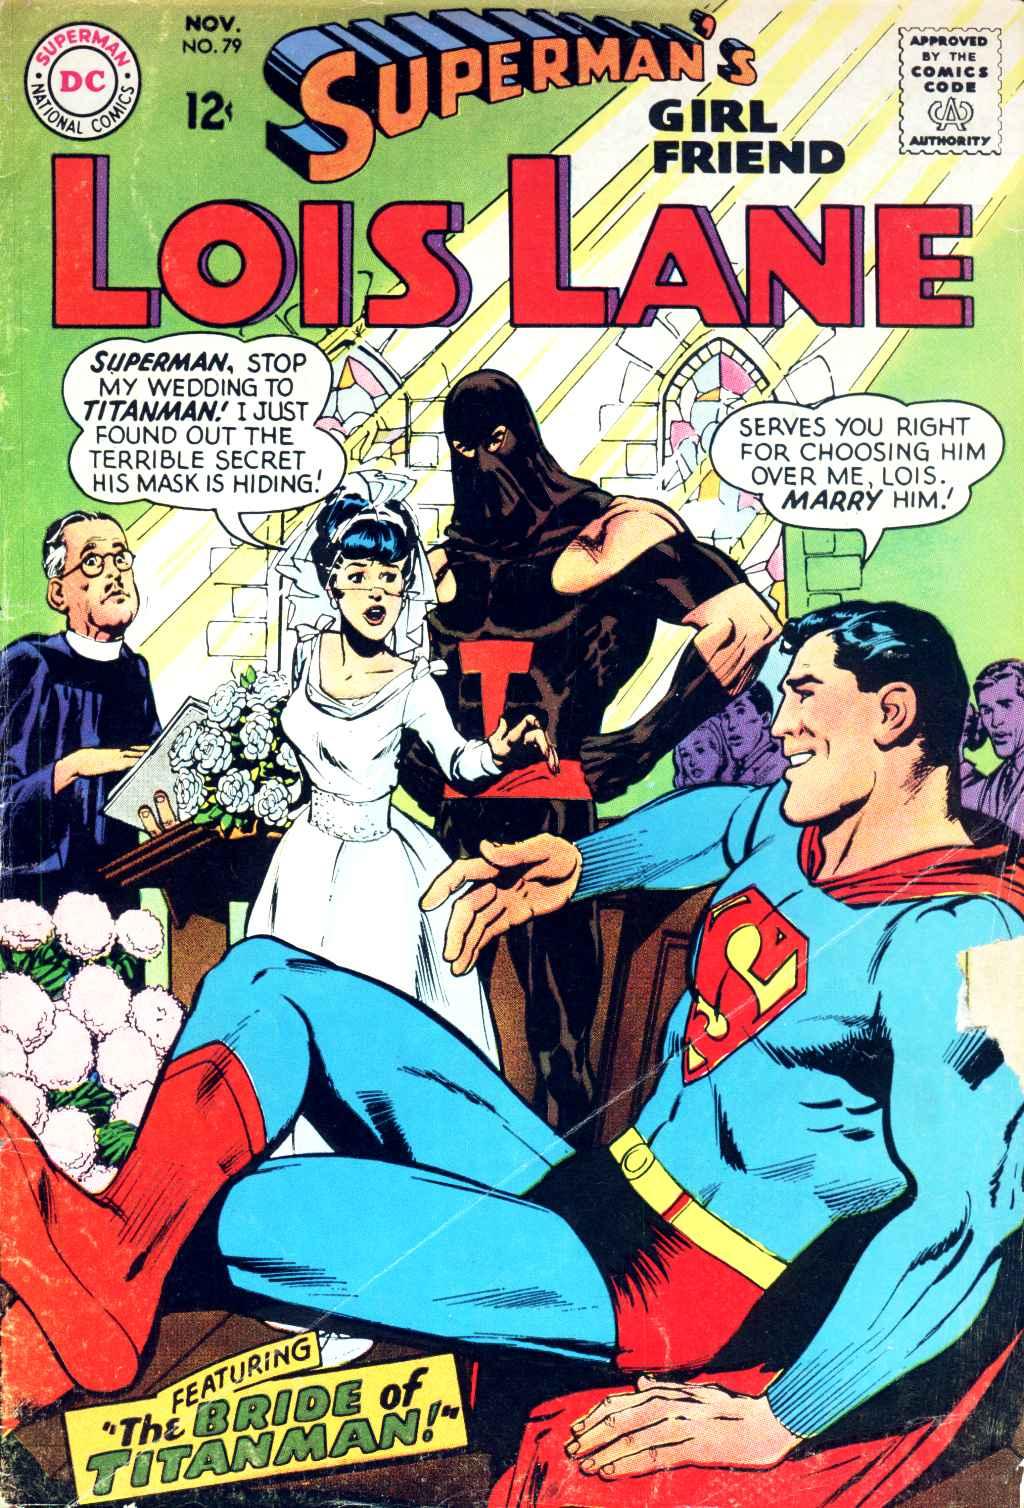 Supermans Girl Friend, Lois Lane 79 Page 1